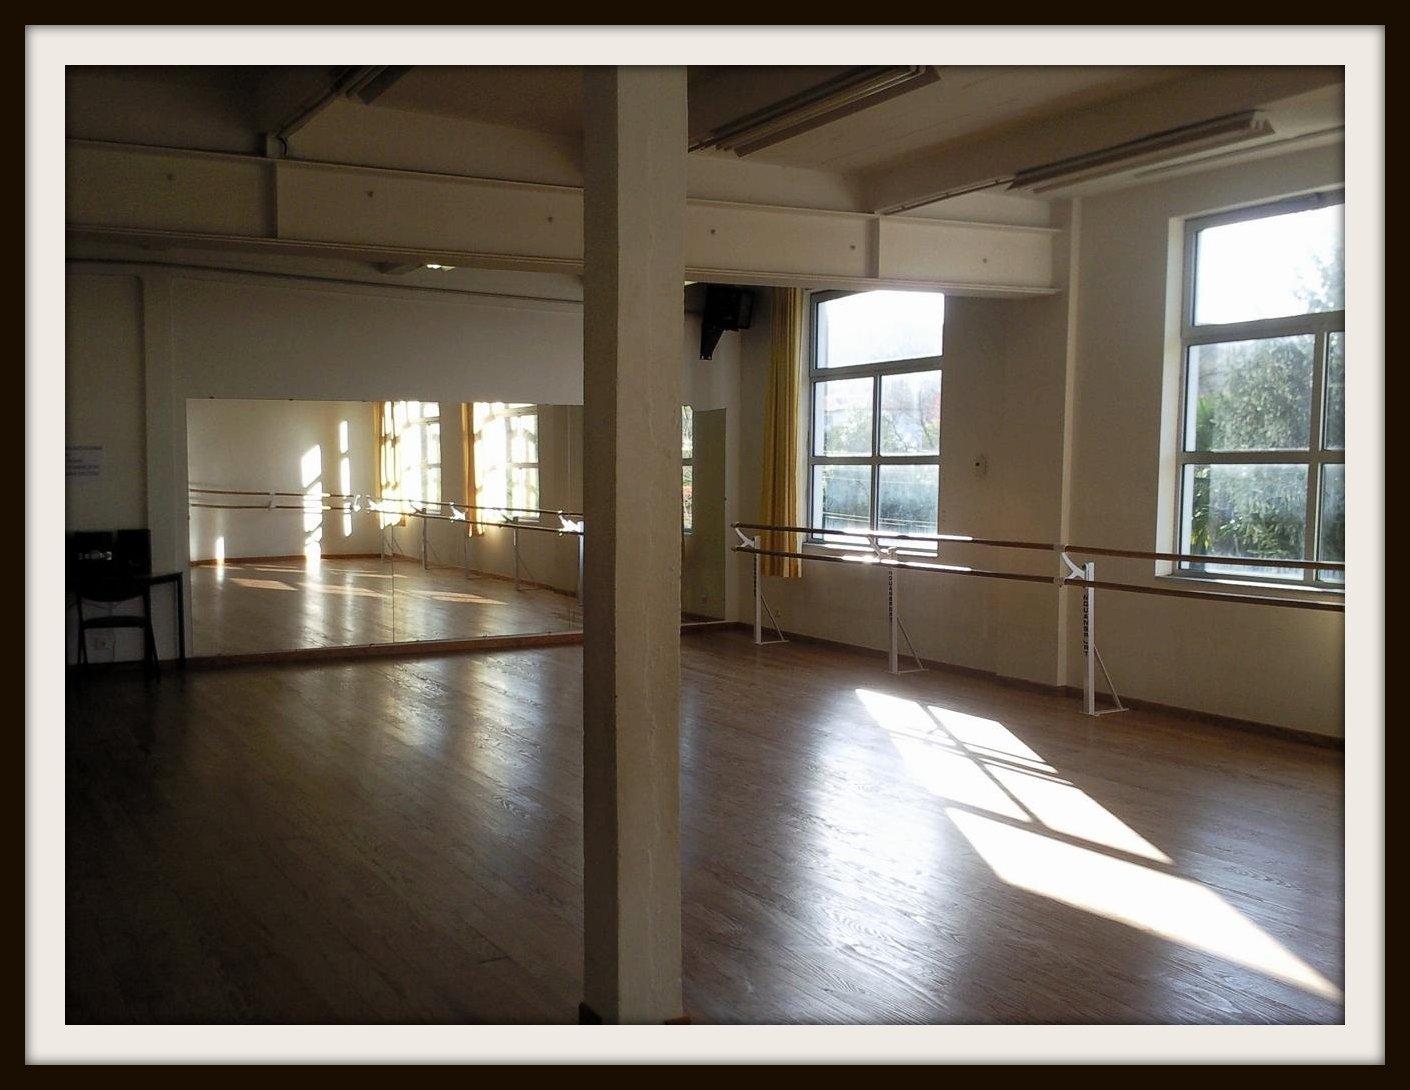 Nos installations de gym et de danse hasparren - Hygrometrie ideale dans une maison ...